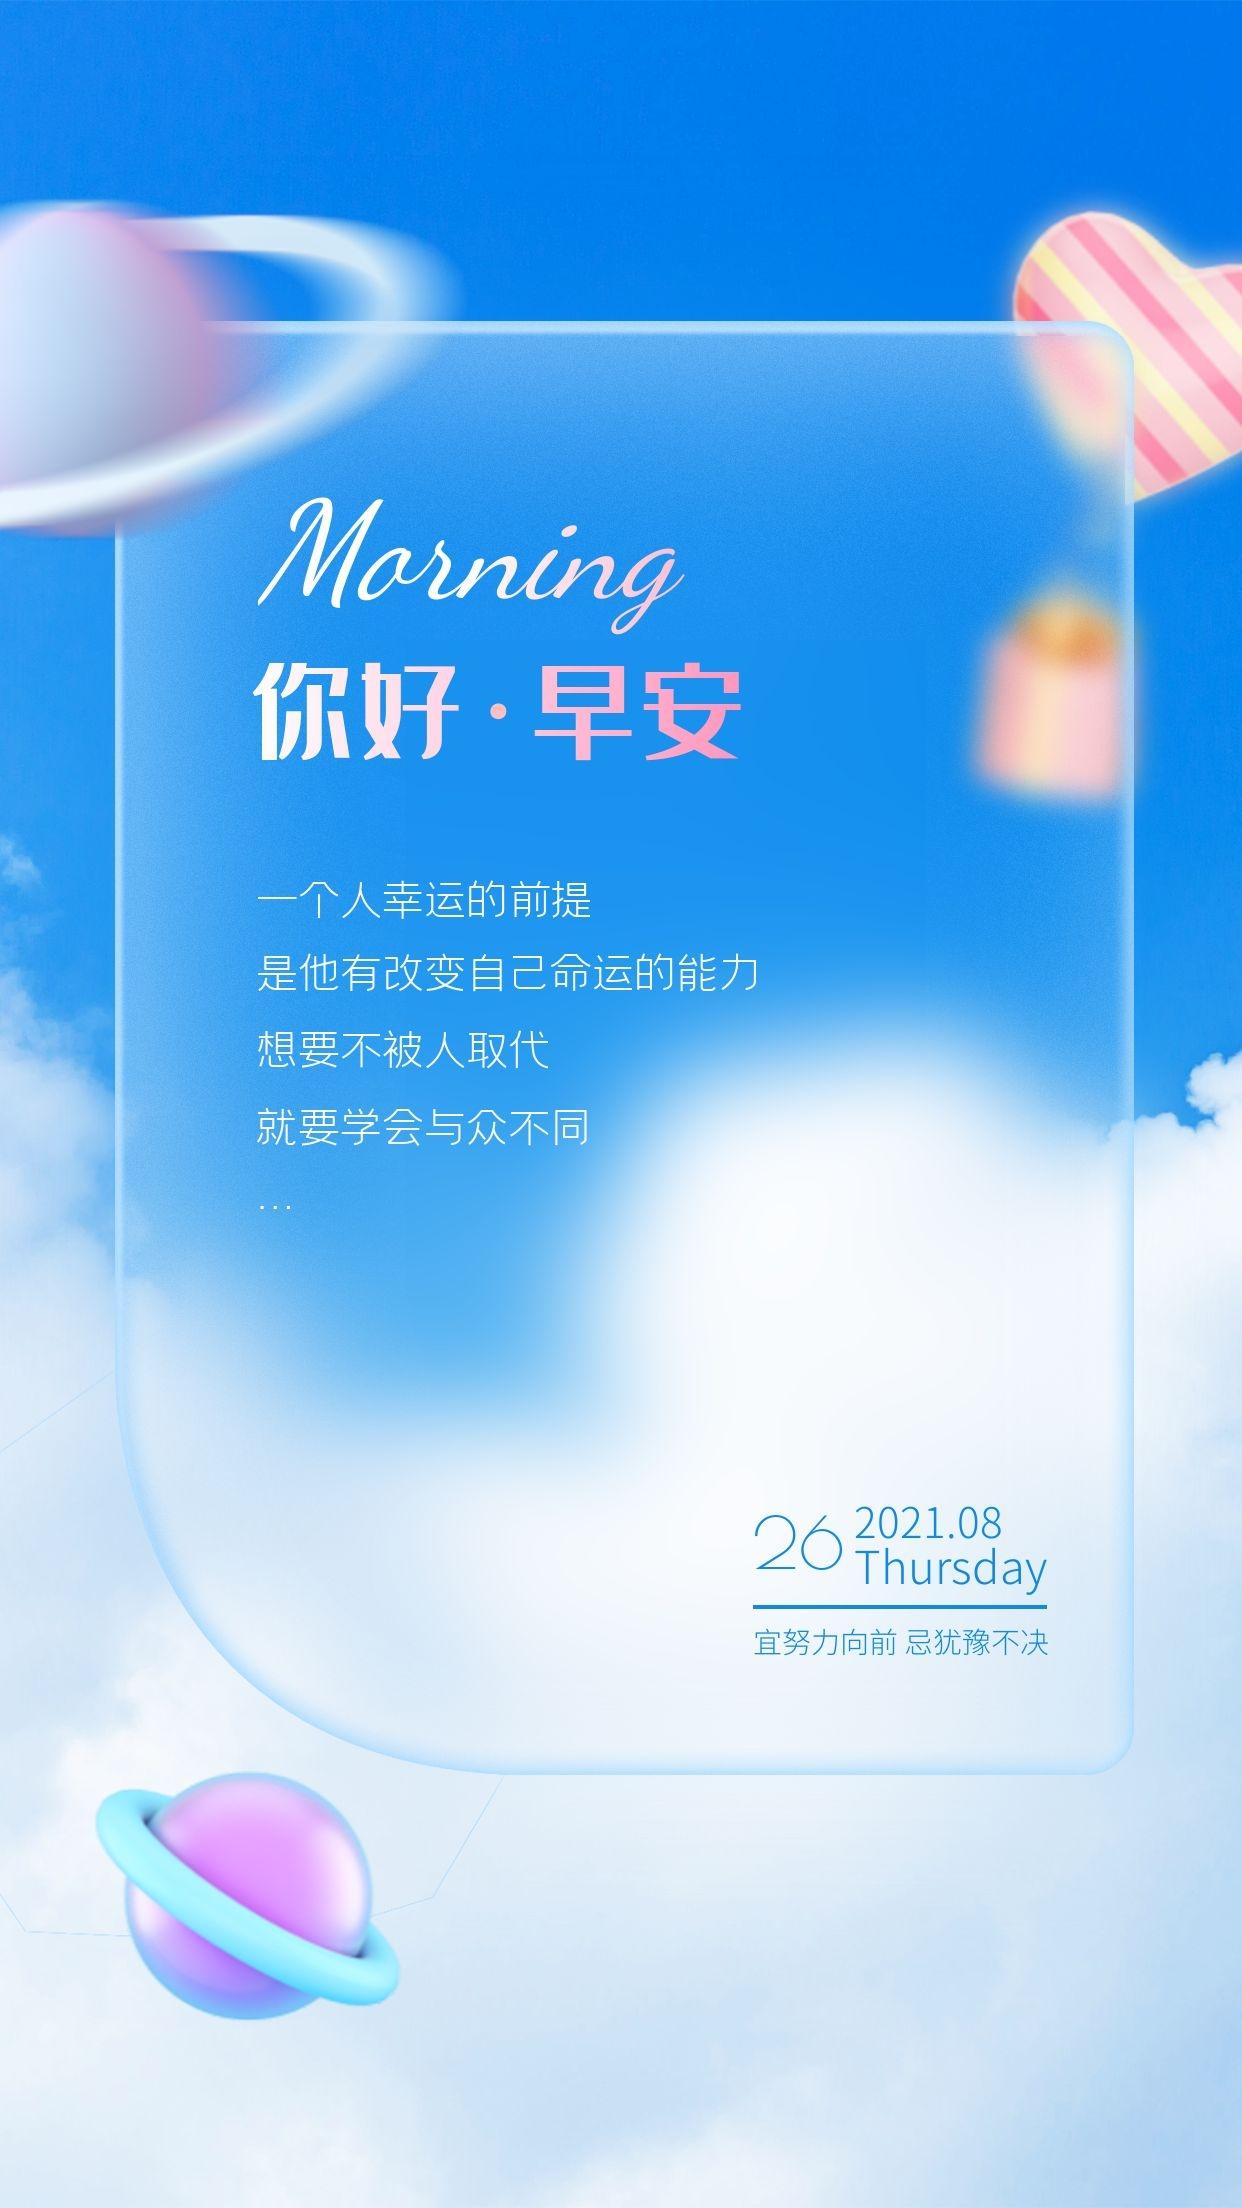 早安心语正能量励志图片语句,不忘初心,筑梦前行!